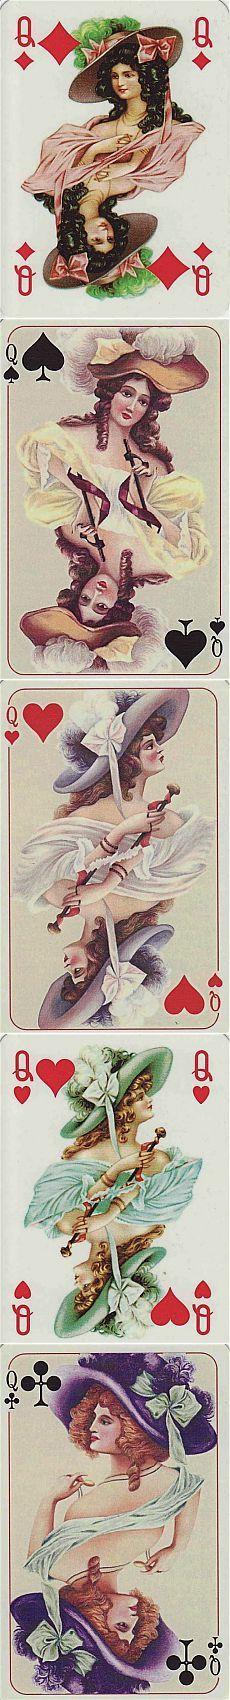 Игральные карты. Франция / Картинки для декупажа / PassionForum - мастер-классы по рукоделию